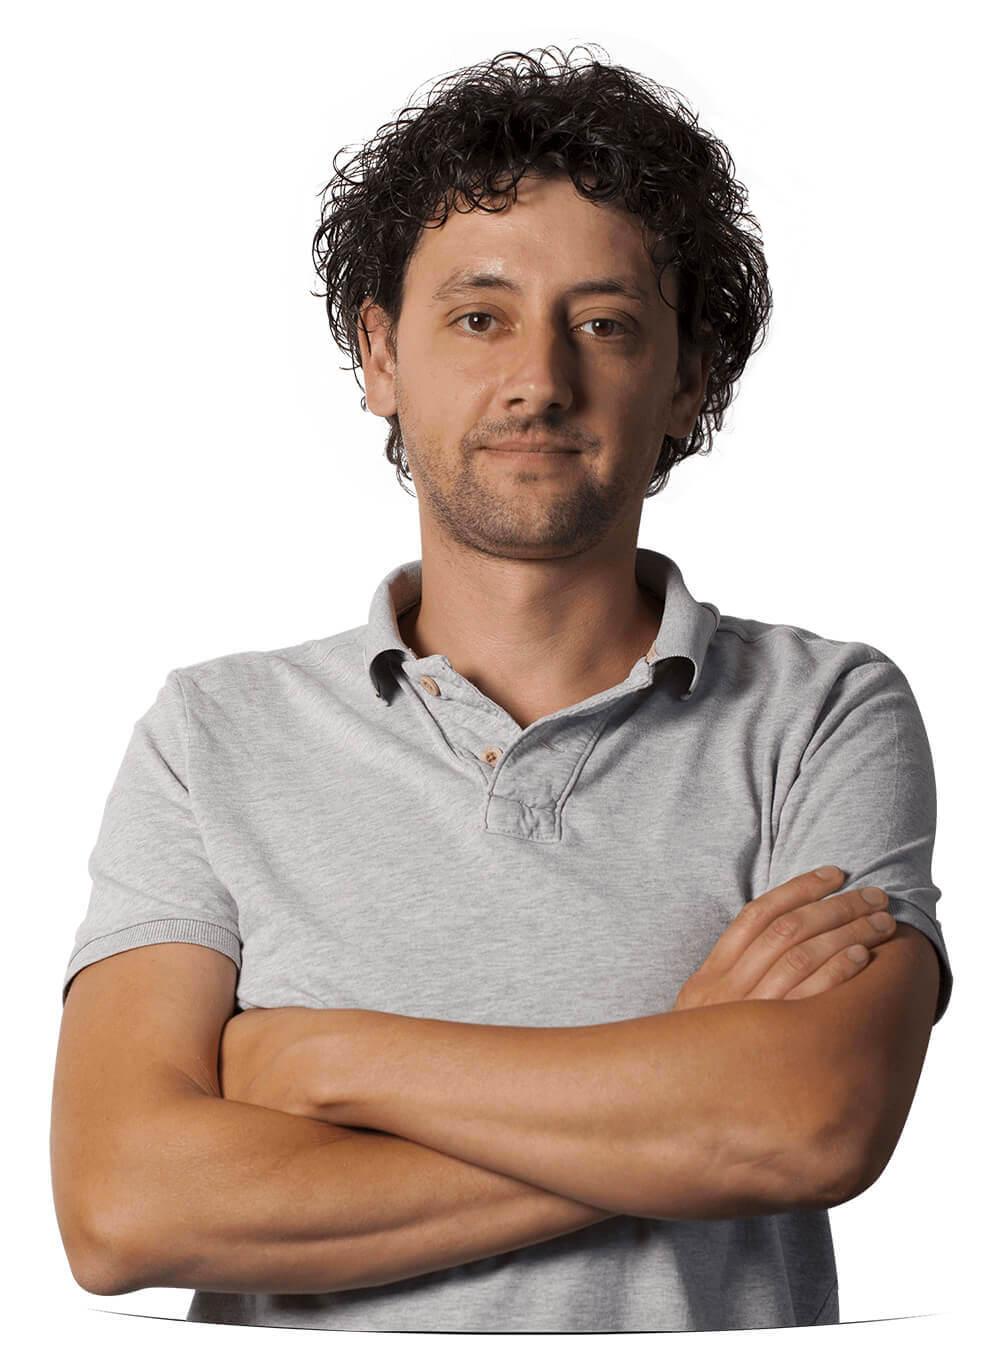 Paolo Cabrini Linoolmostudio